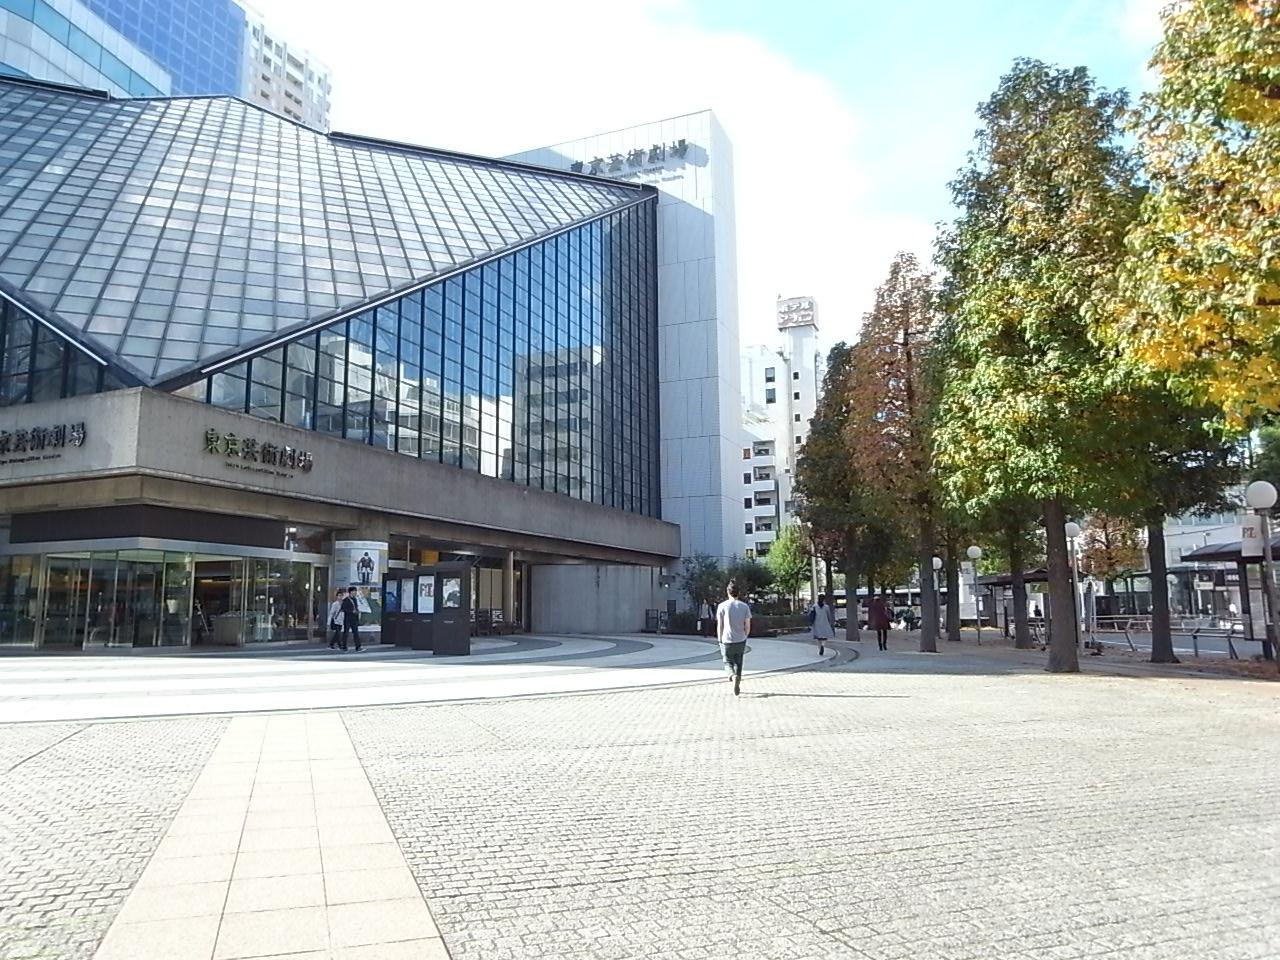 東京芸術劇場 外観カッコいいけど中はどんな感じなんだろ?